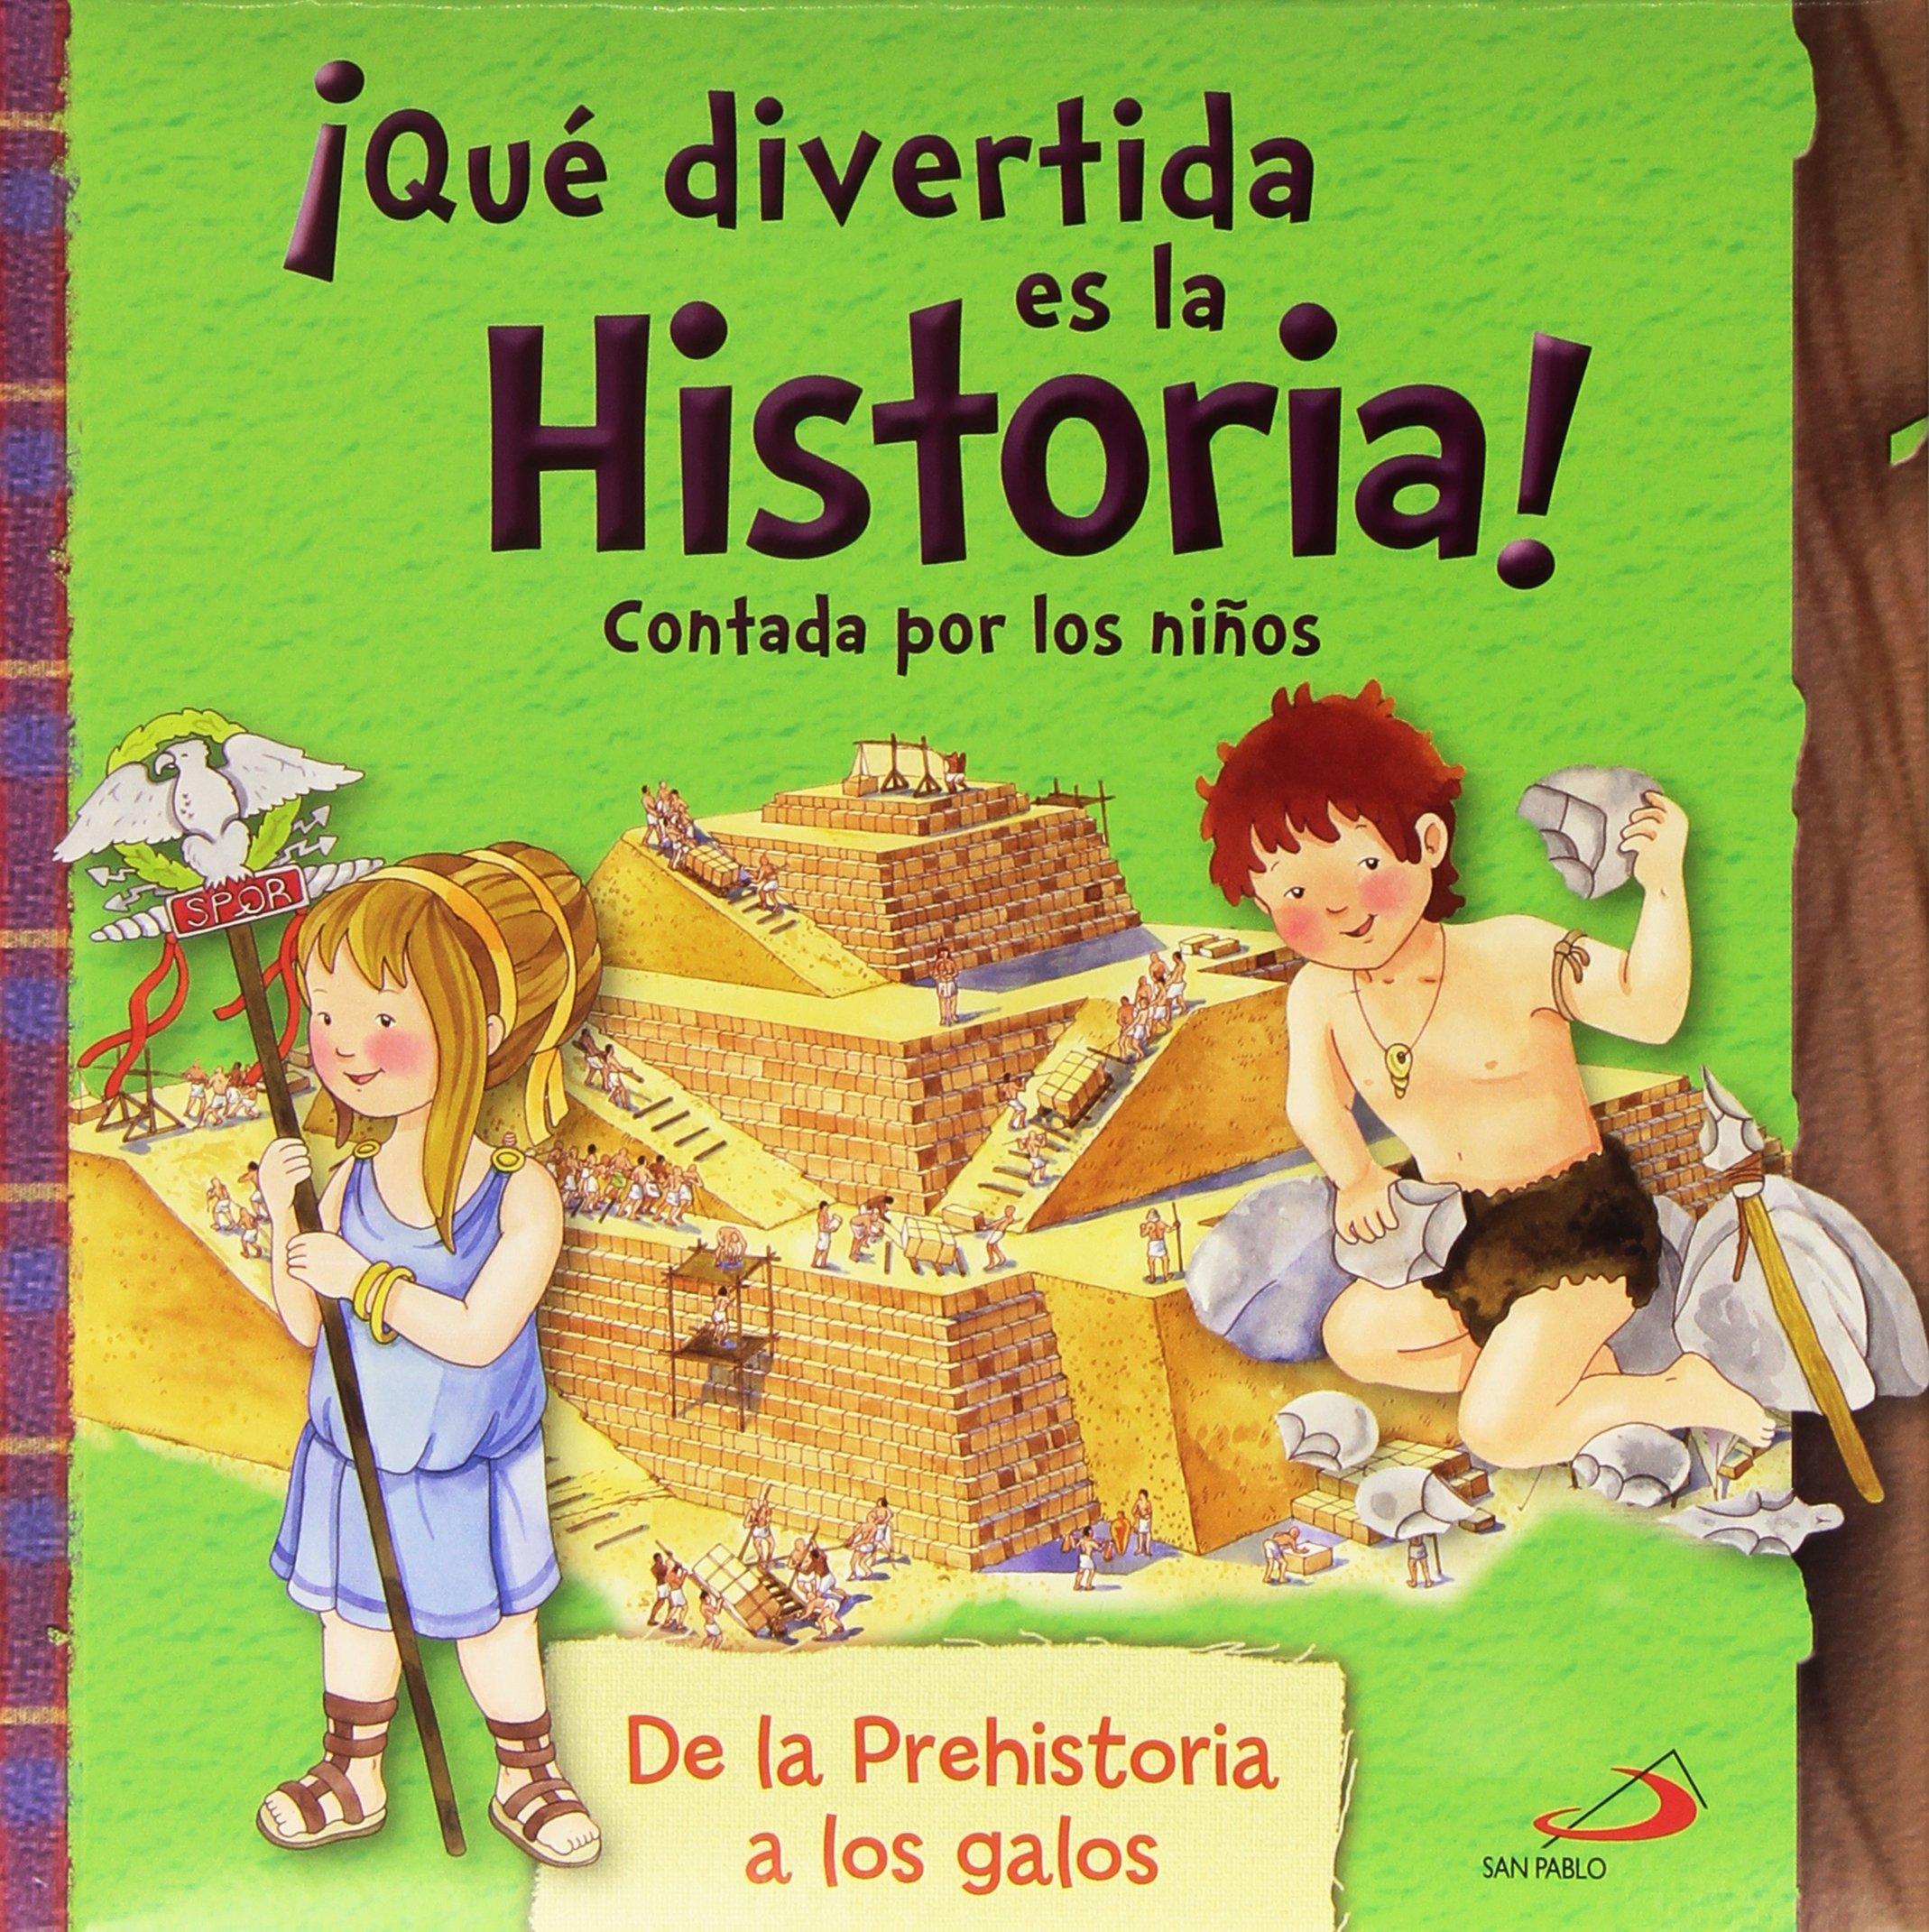 Qué divertida es la historia! contada por los niños: De la prehistoria a los galos Infantil general: Amazon.es: Barsotti, Eleonora, Barsotti, Eleonora, Greggio, Elena: Libros